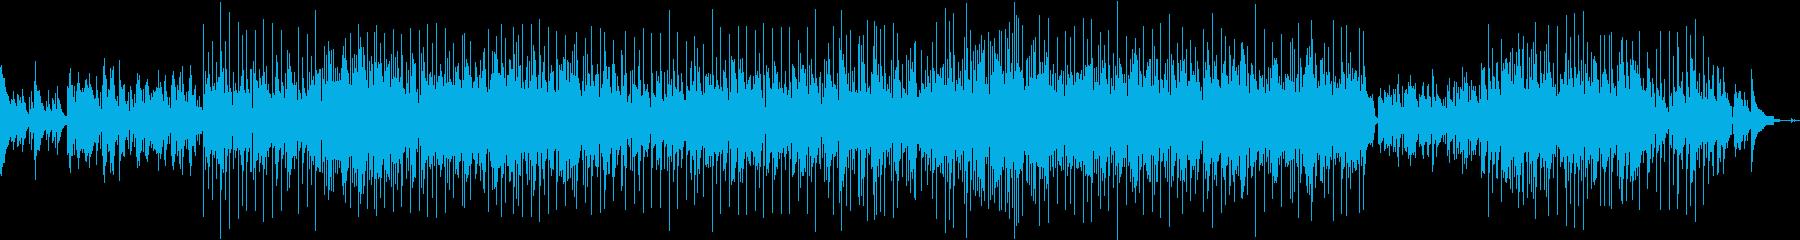 感動的アコースティックポップスバラードの再生済みの波形